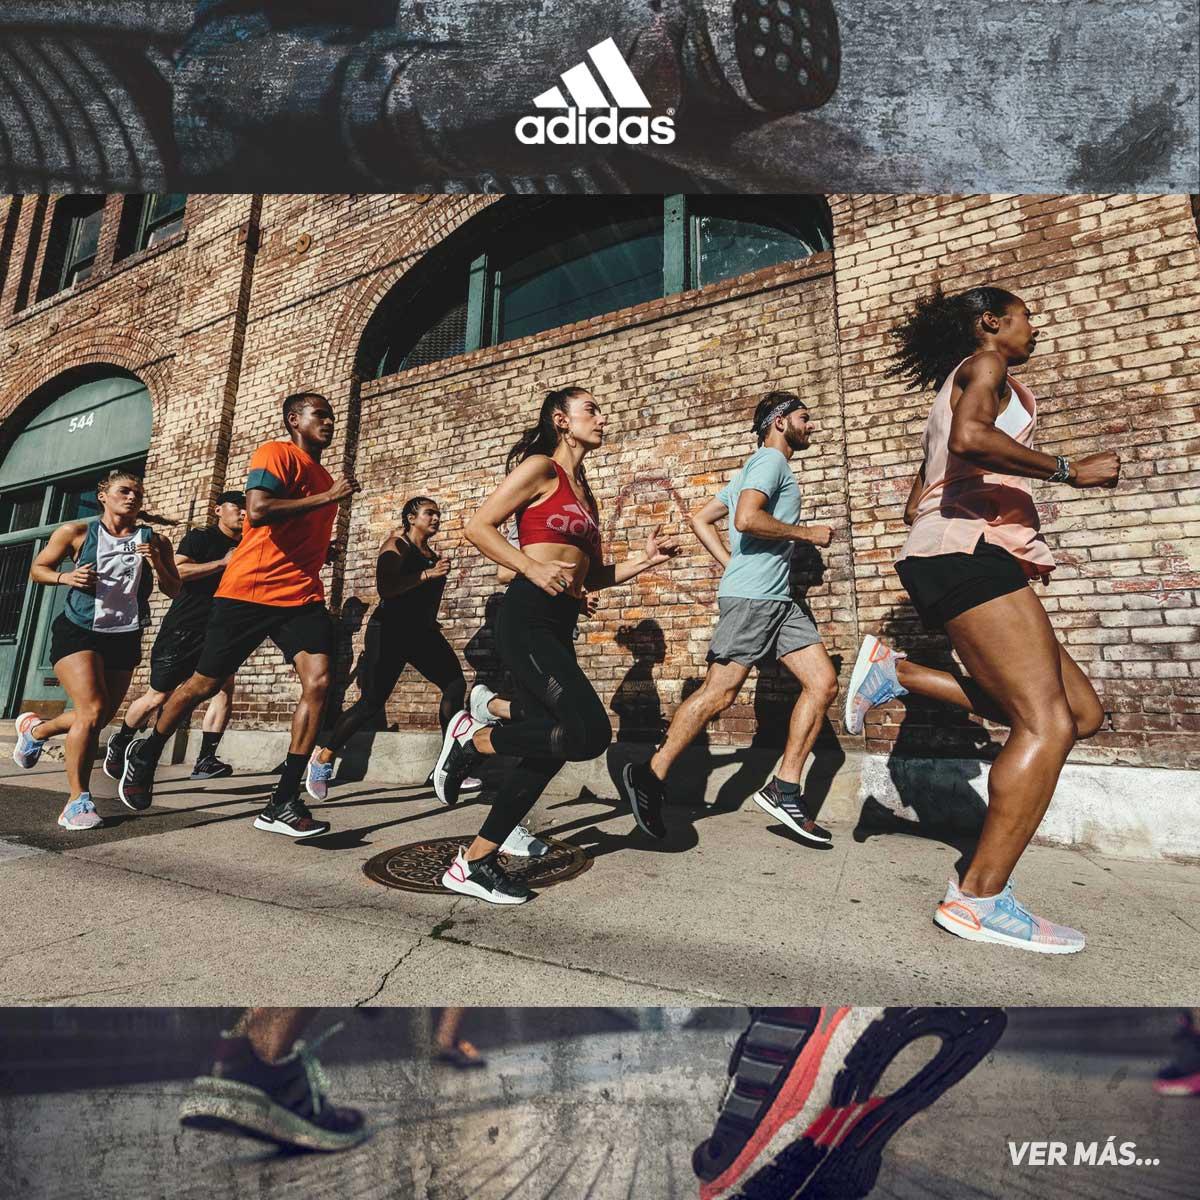 Adidas Mobile Nov2019